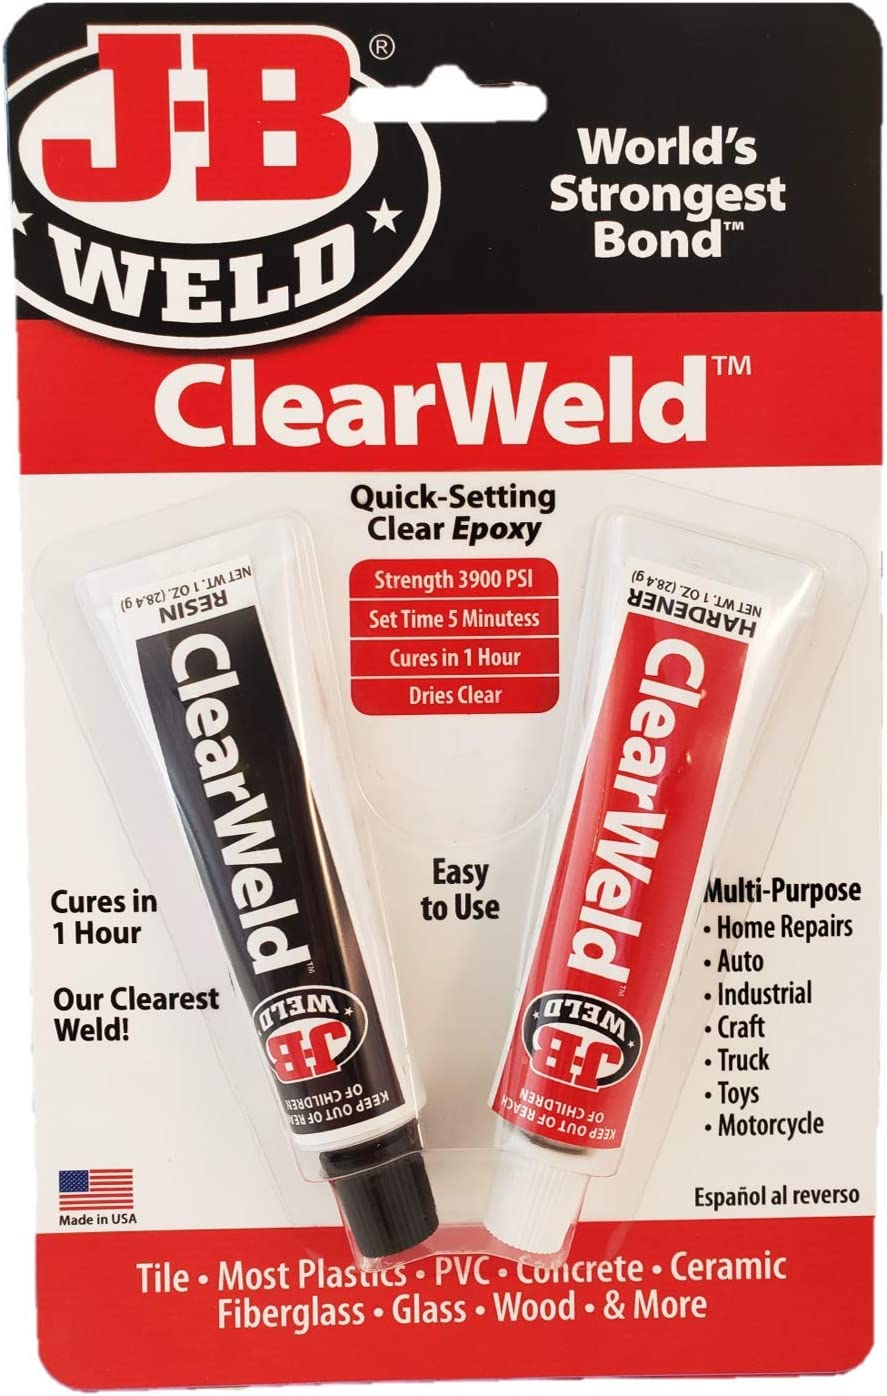 J-B Weld ClearWeld